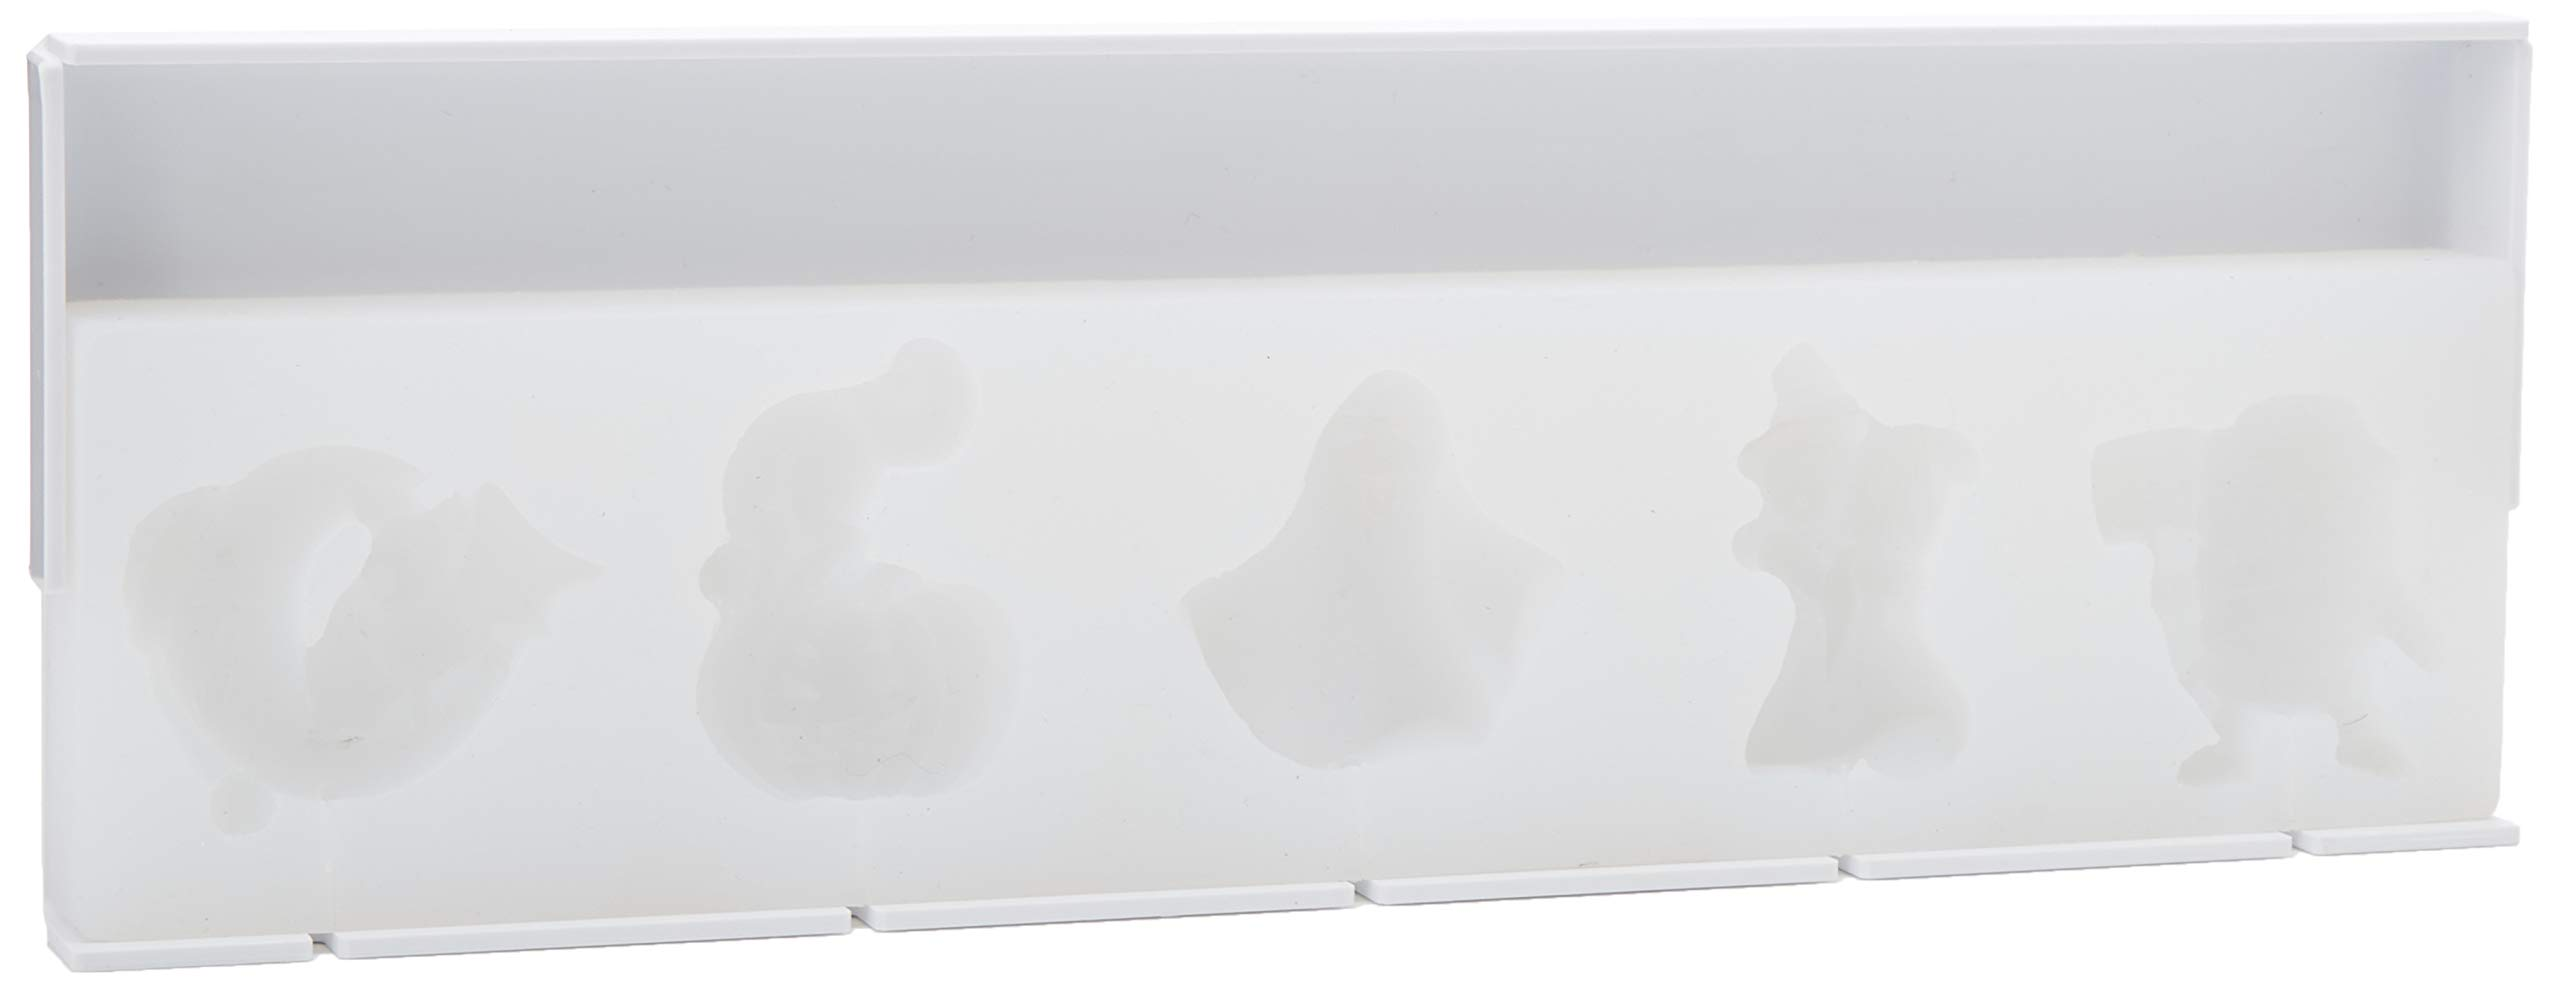 Martellato 30SML001 Silicone Halloween Lollipop Mould, 395 x 143 mm, White by Martellato (Image #1)